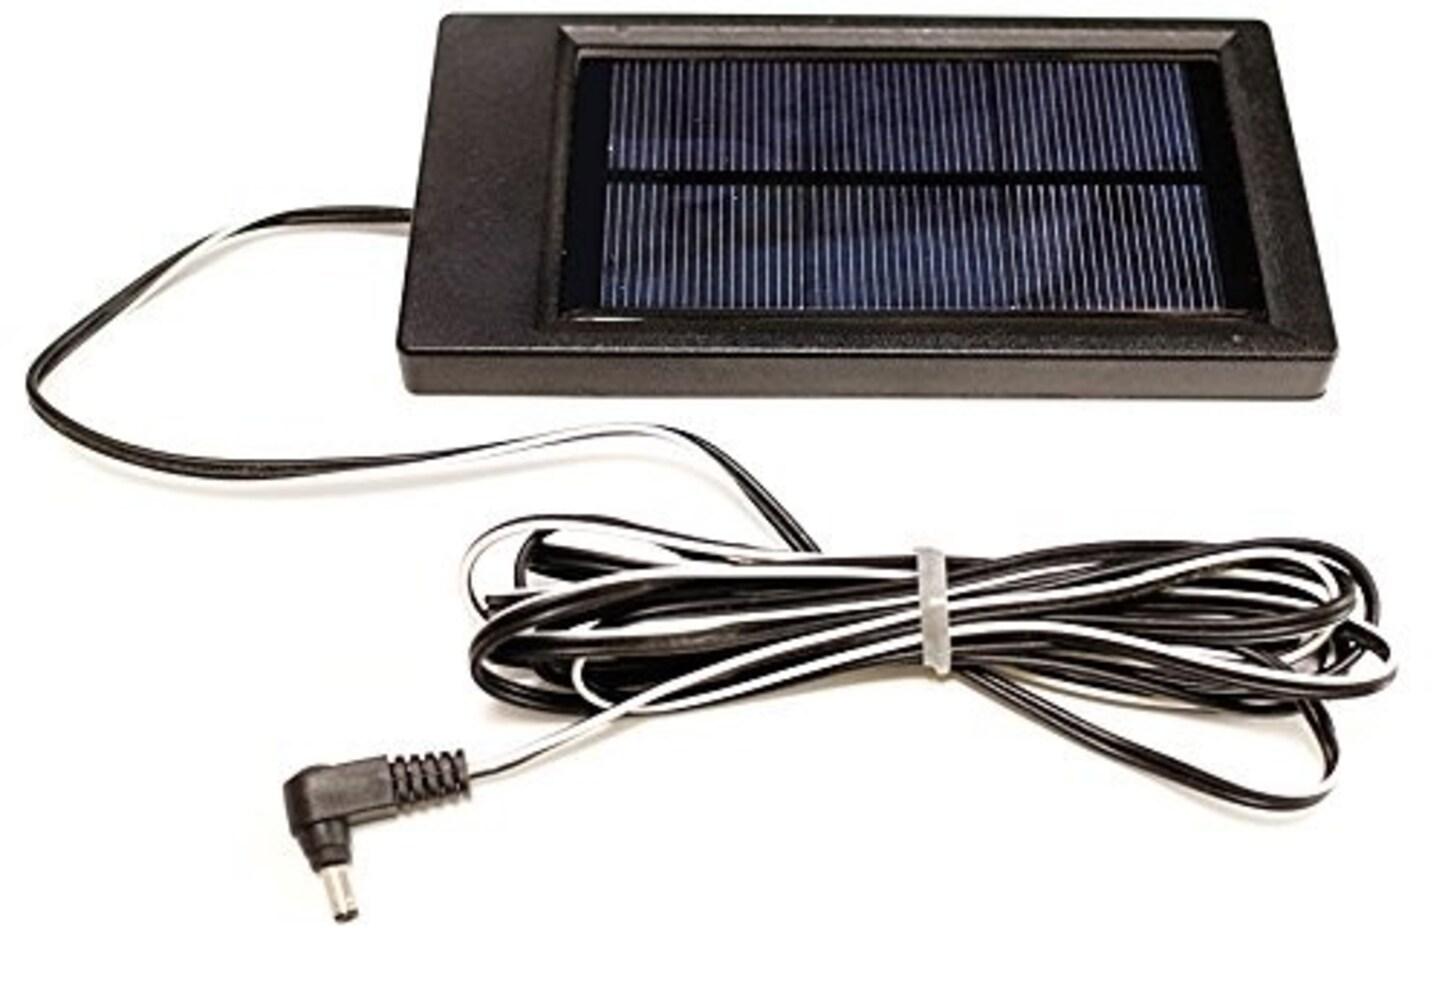 ソーラー式|太陽光があれば発電できる手軽さ